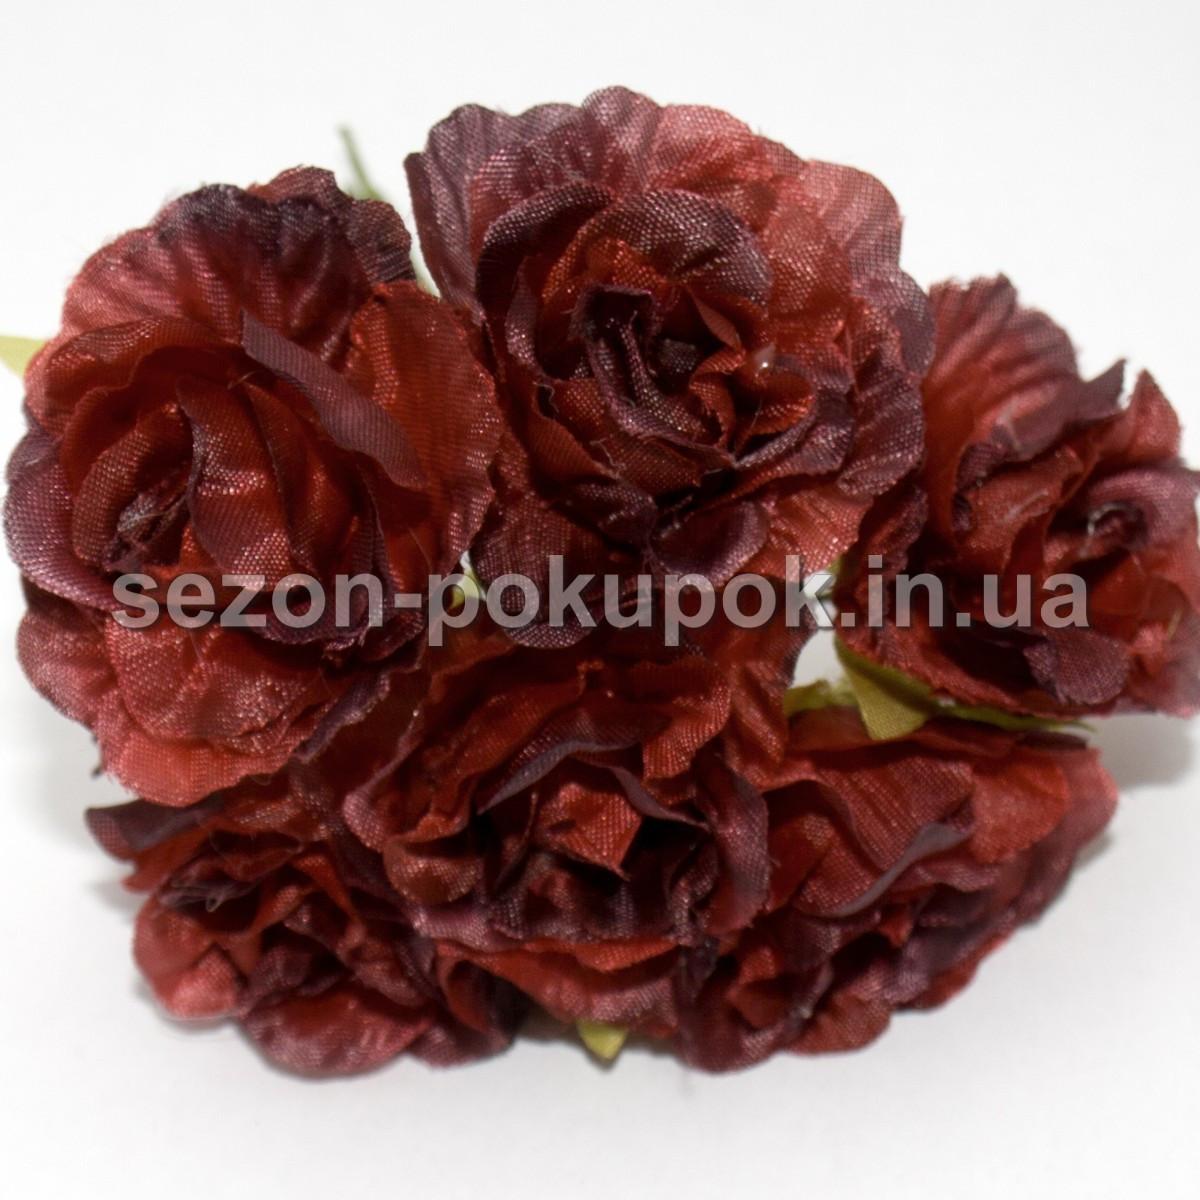 Роза  пышная d=3,5-4см  (цена за букет из 6 шт). Цвет - ТЁМНО-КРАСНЫЙ(бордо)